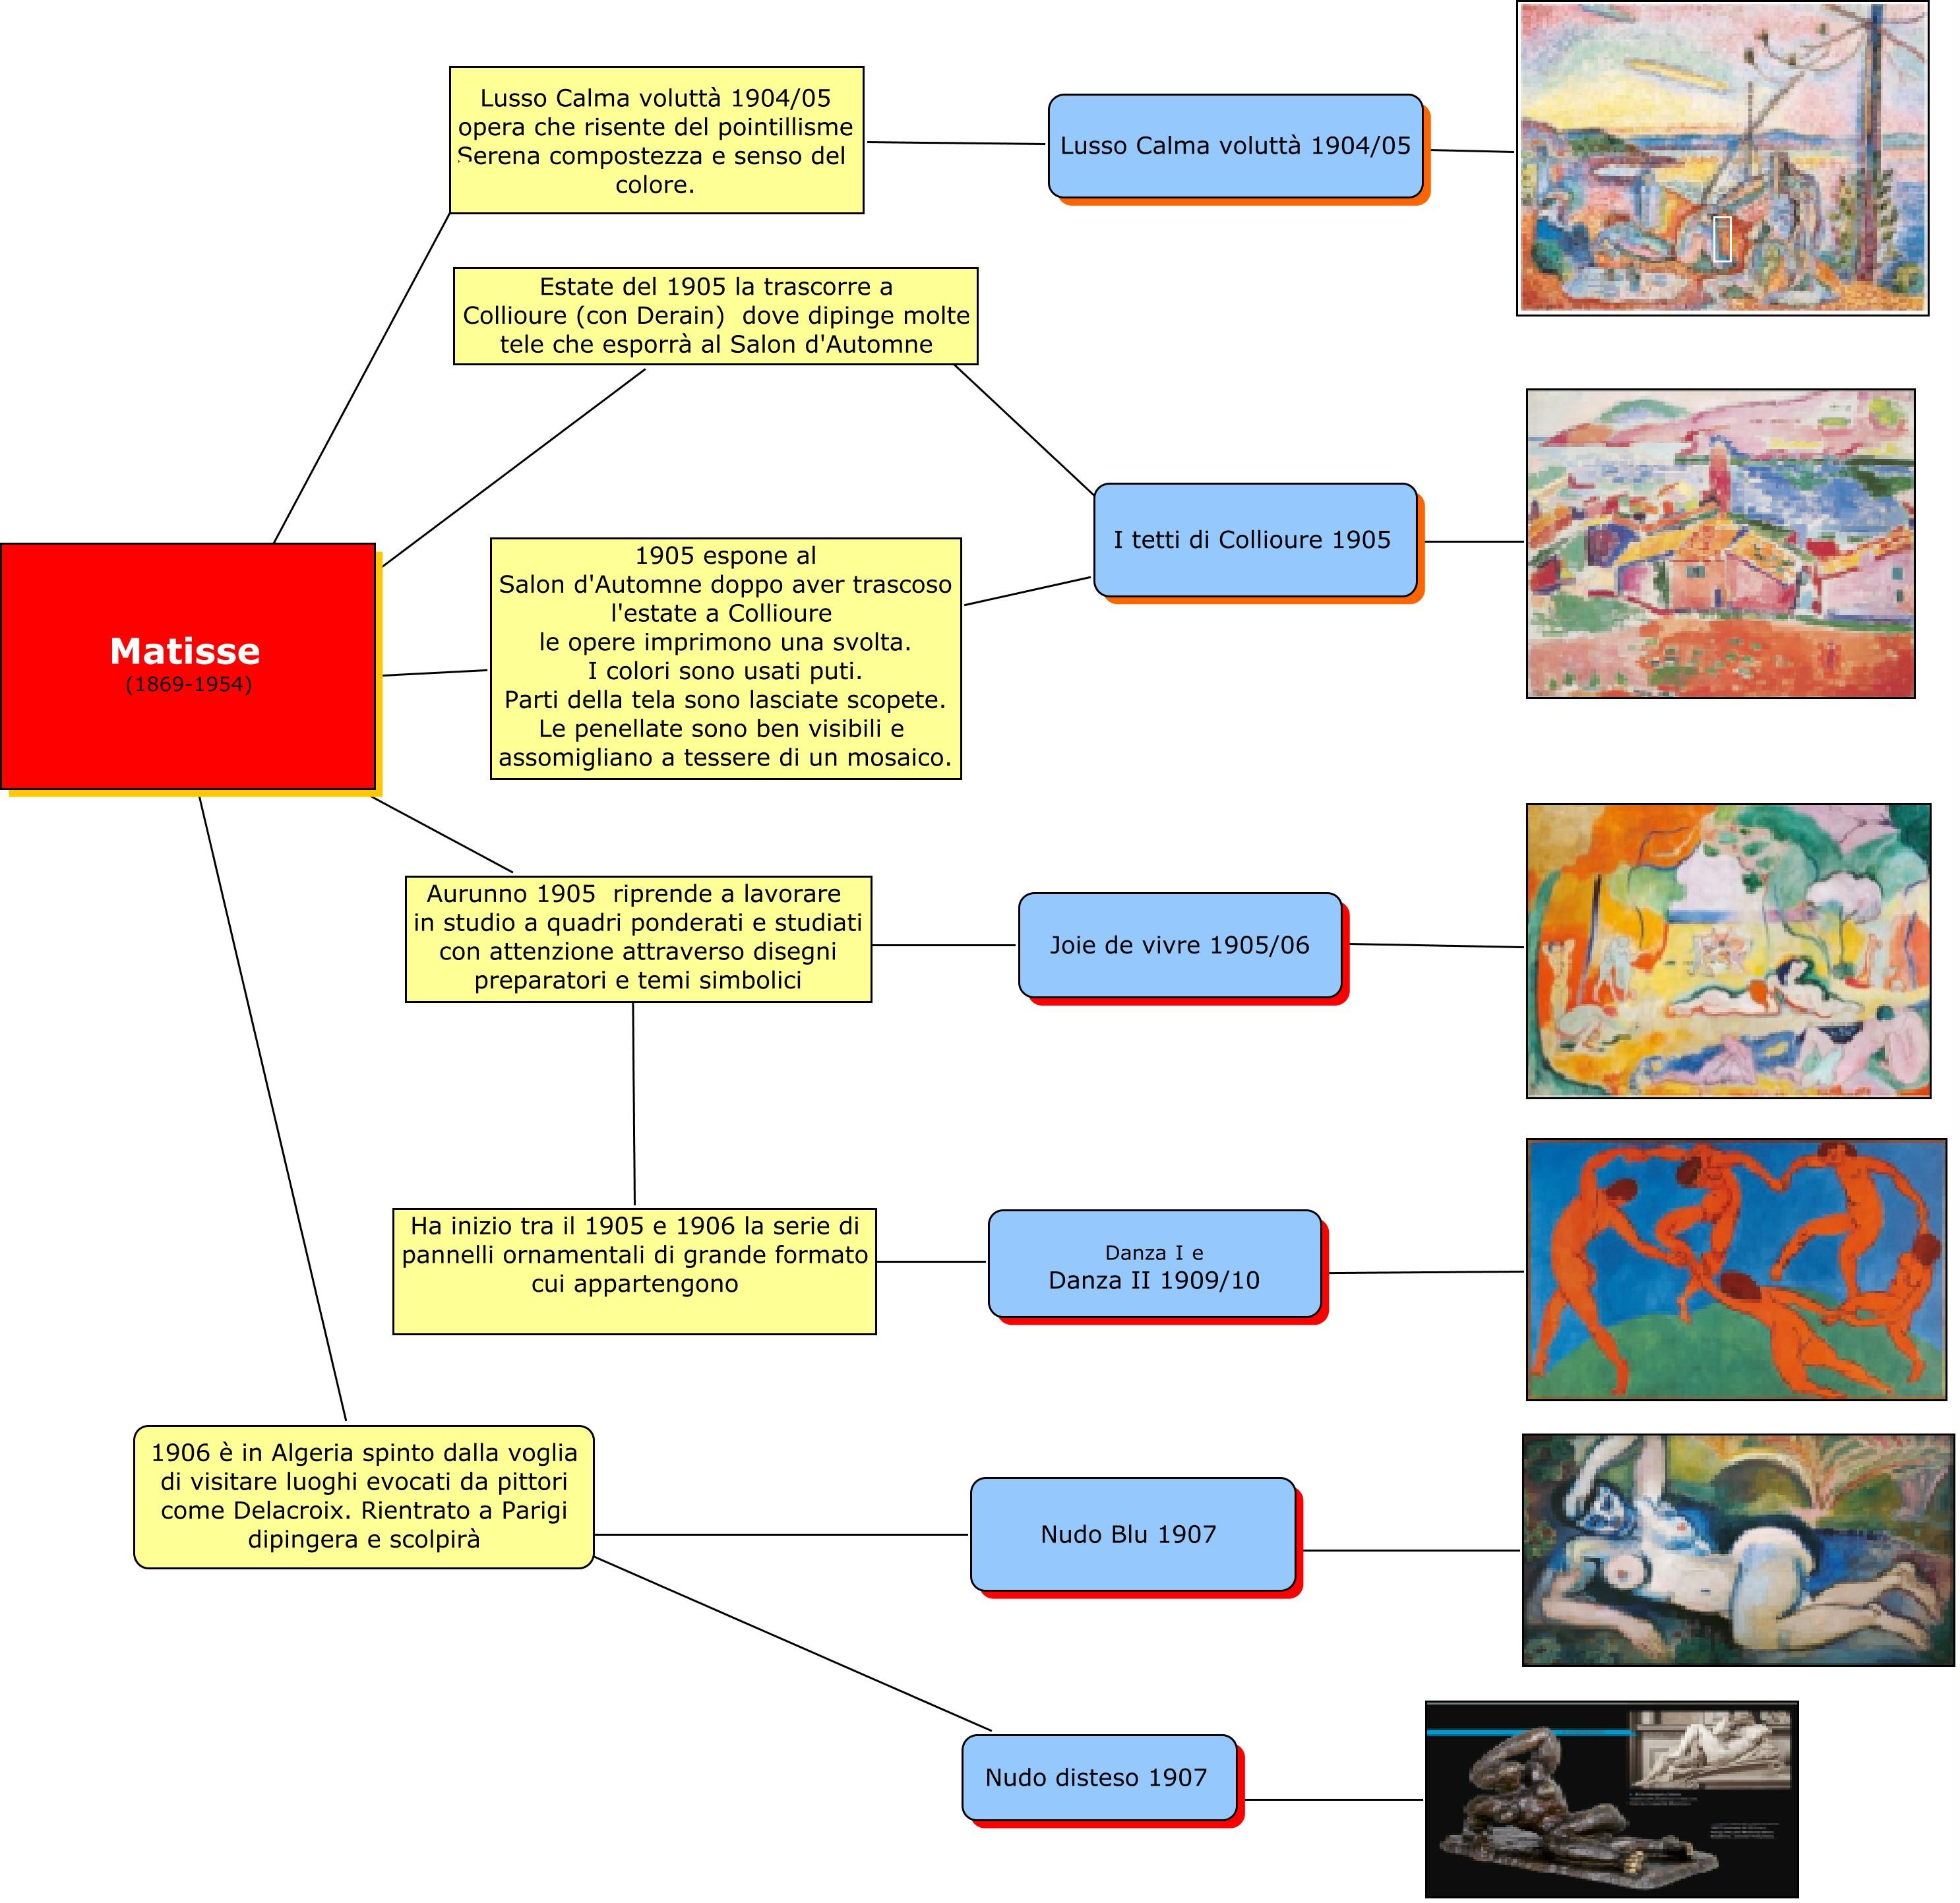 Mappa concettuale sul romanticismo musicale wroc awski for Adorno storia dell arte